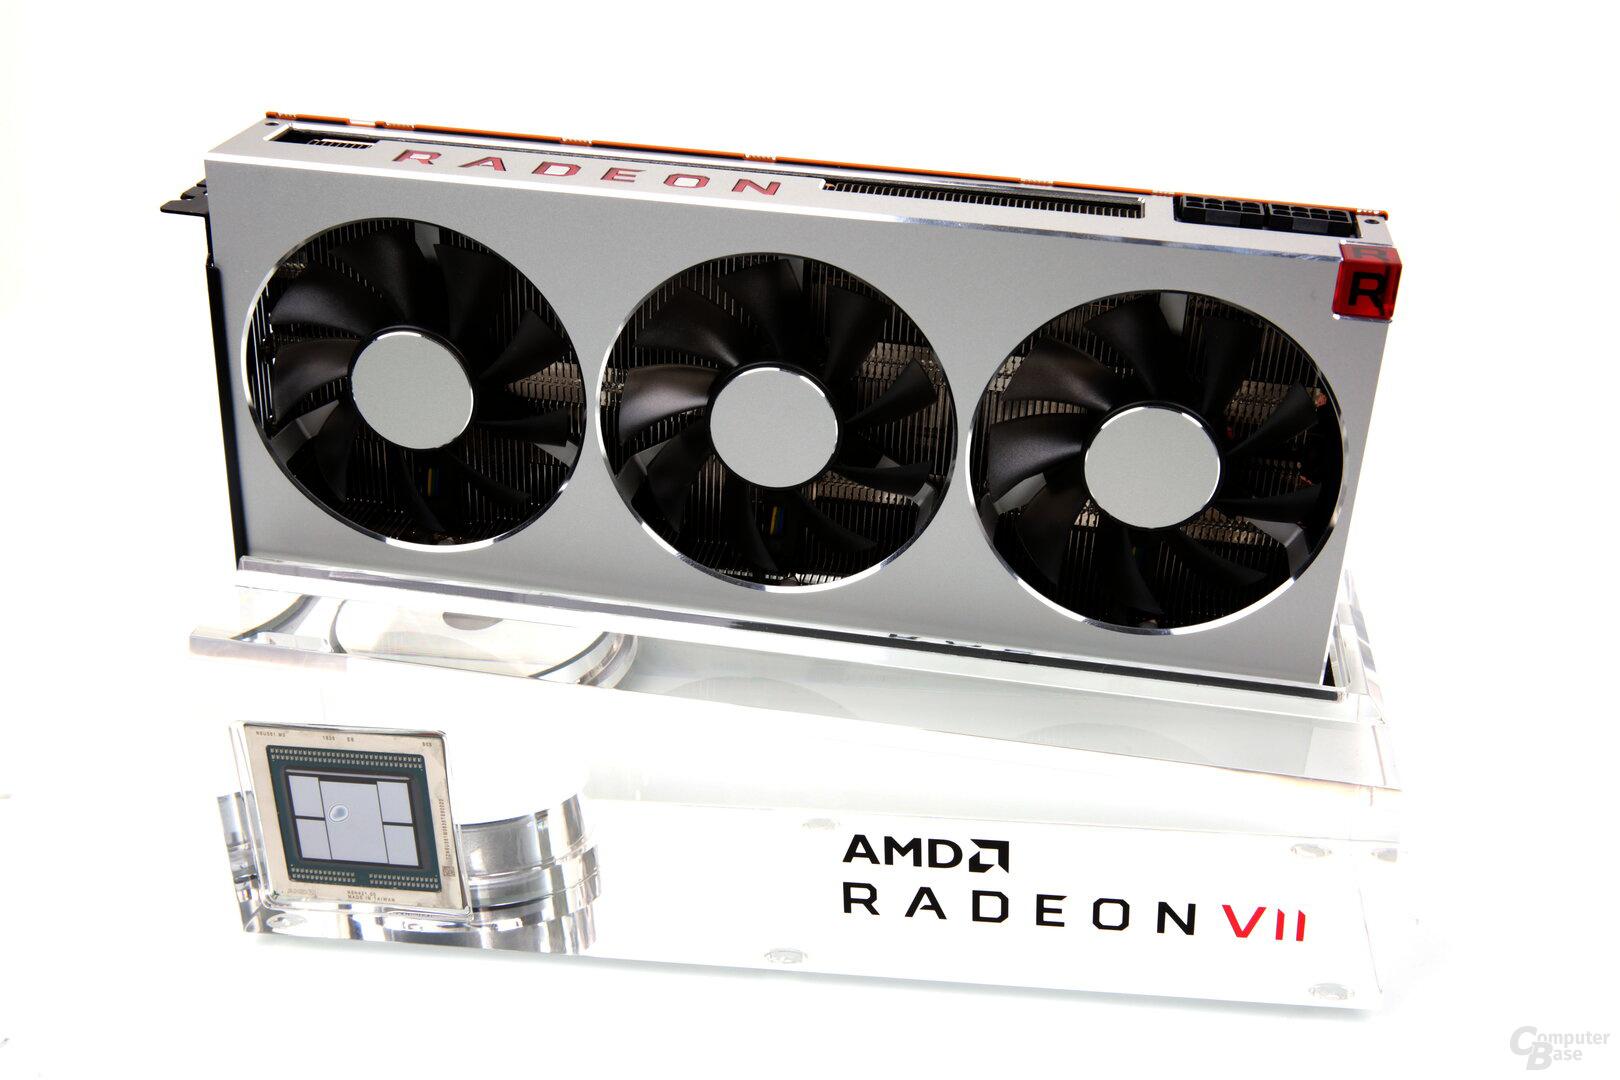 Die Radeon VII gibt es ausschließlich im Referenzdesign